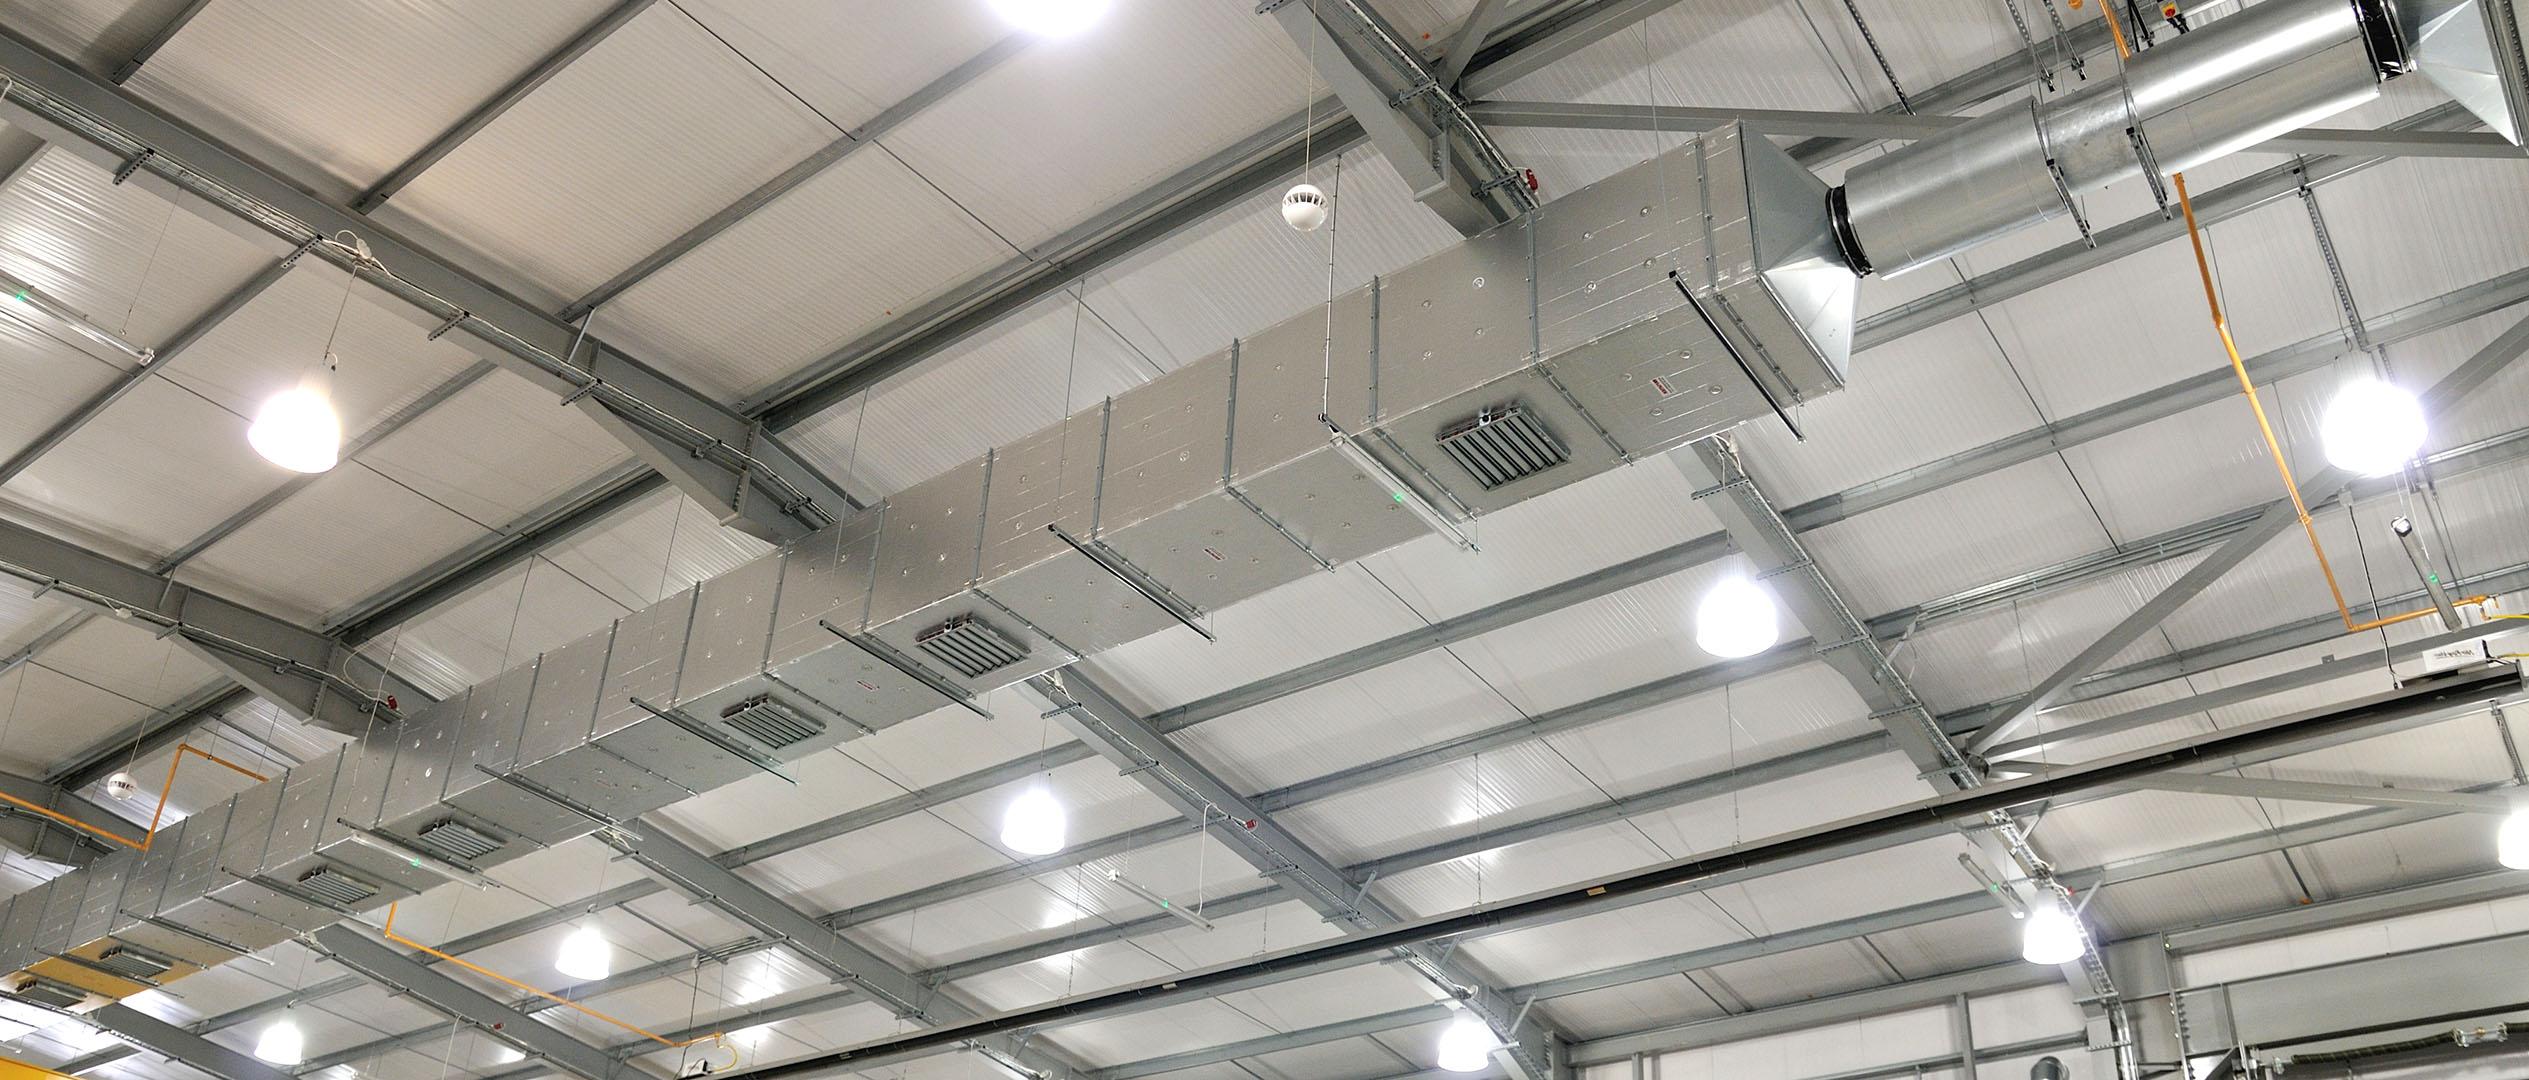 General (High level) Ventilation